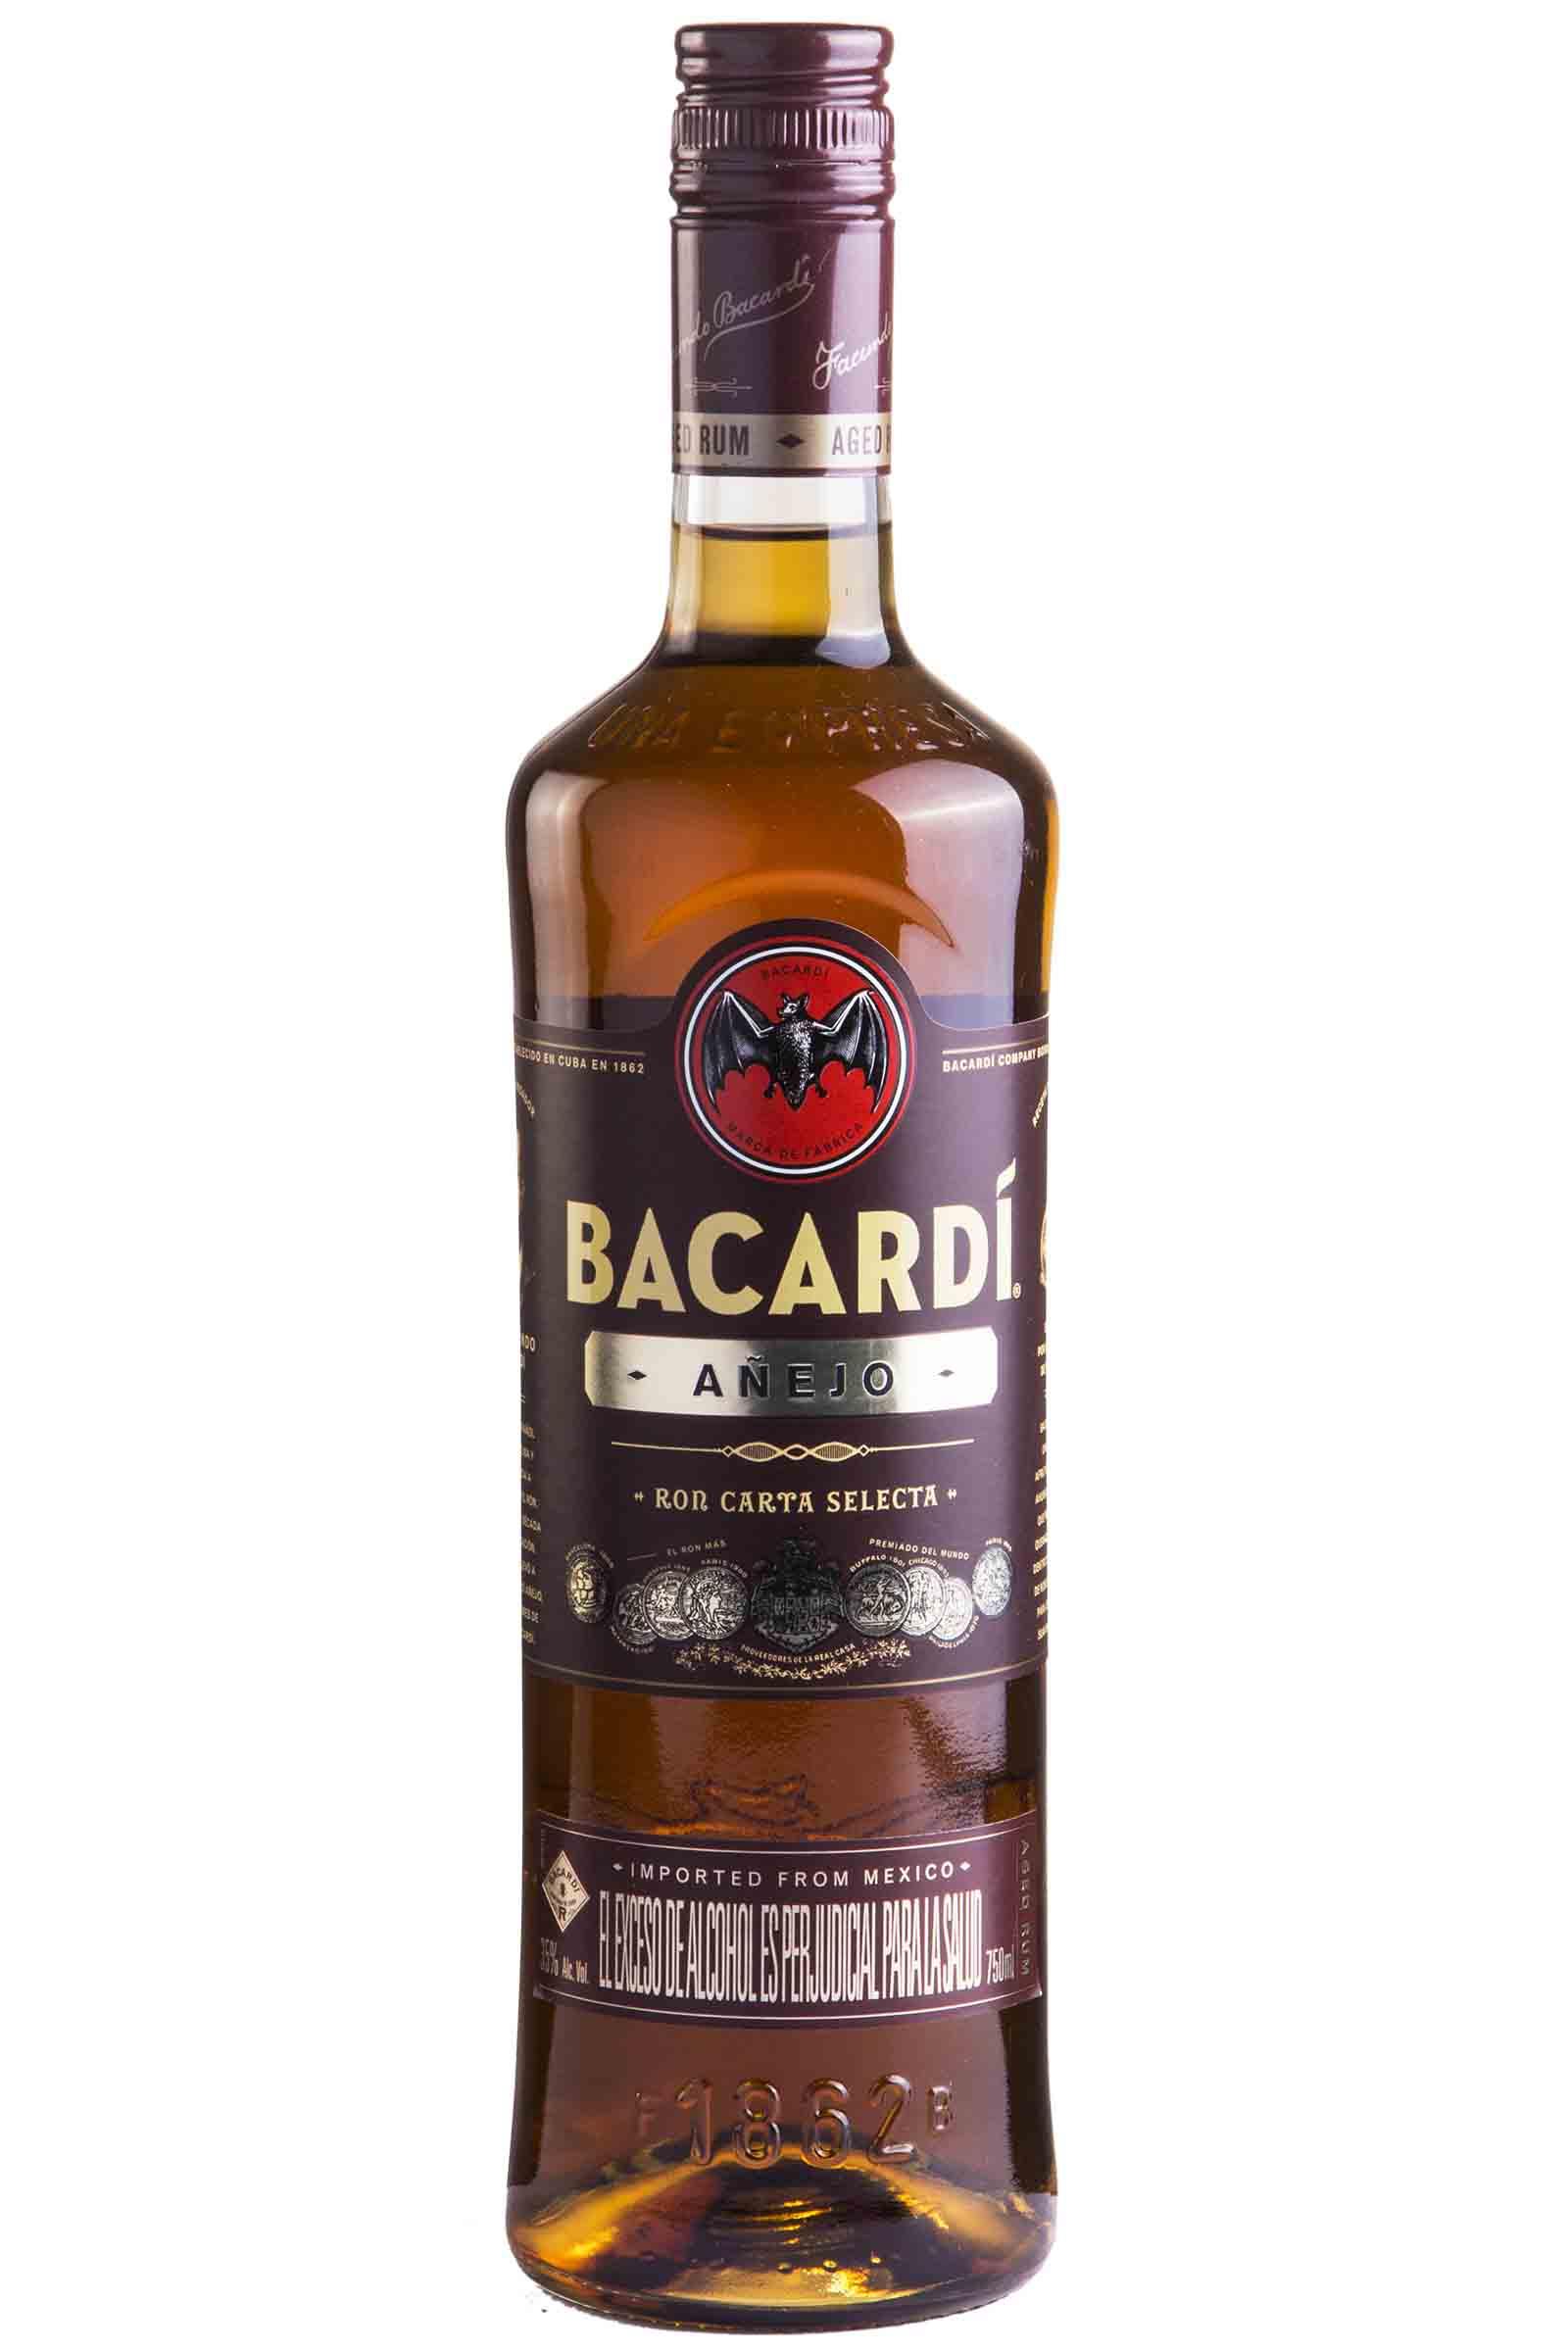 Ron Bacardi Añejo 750ml